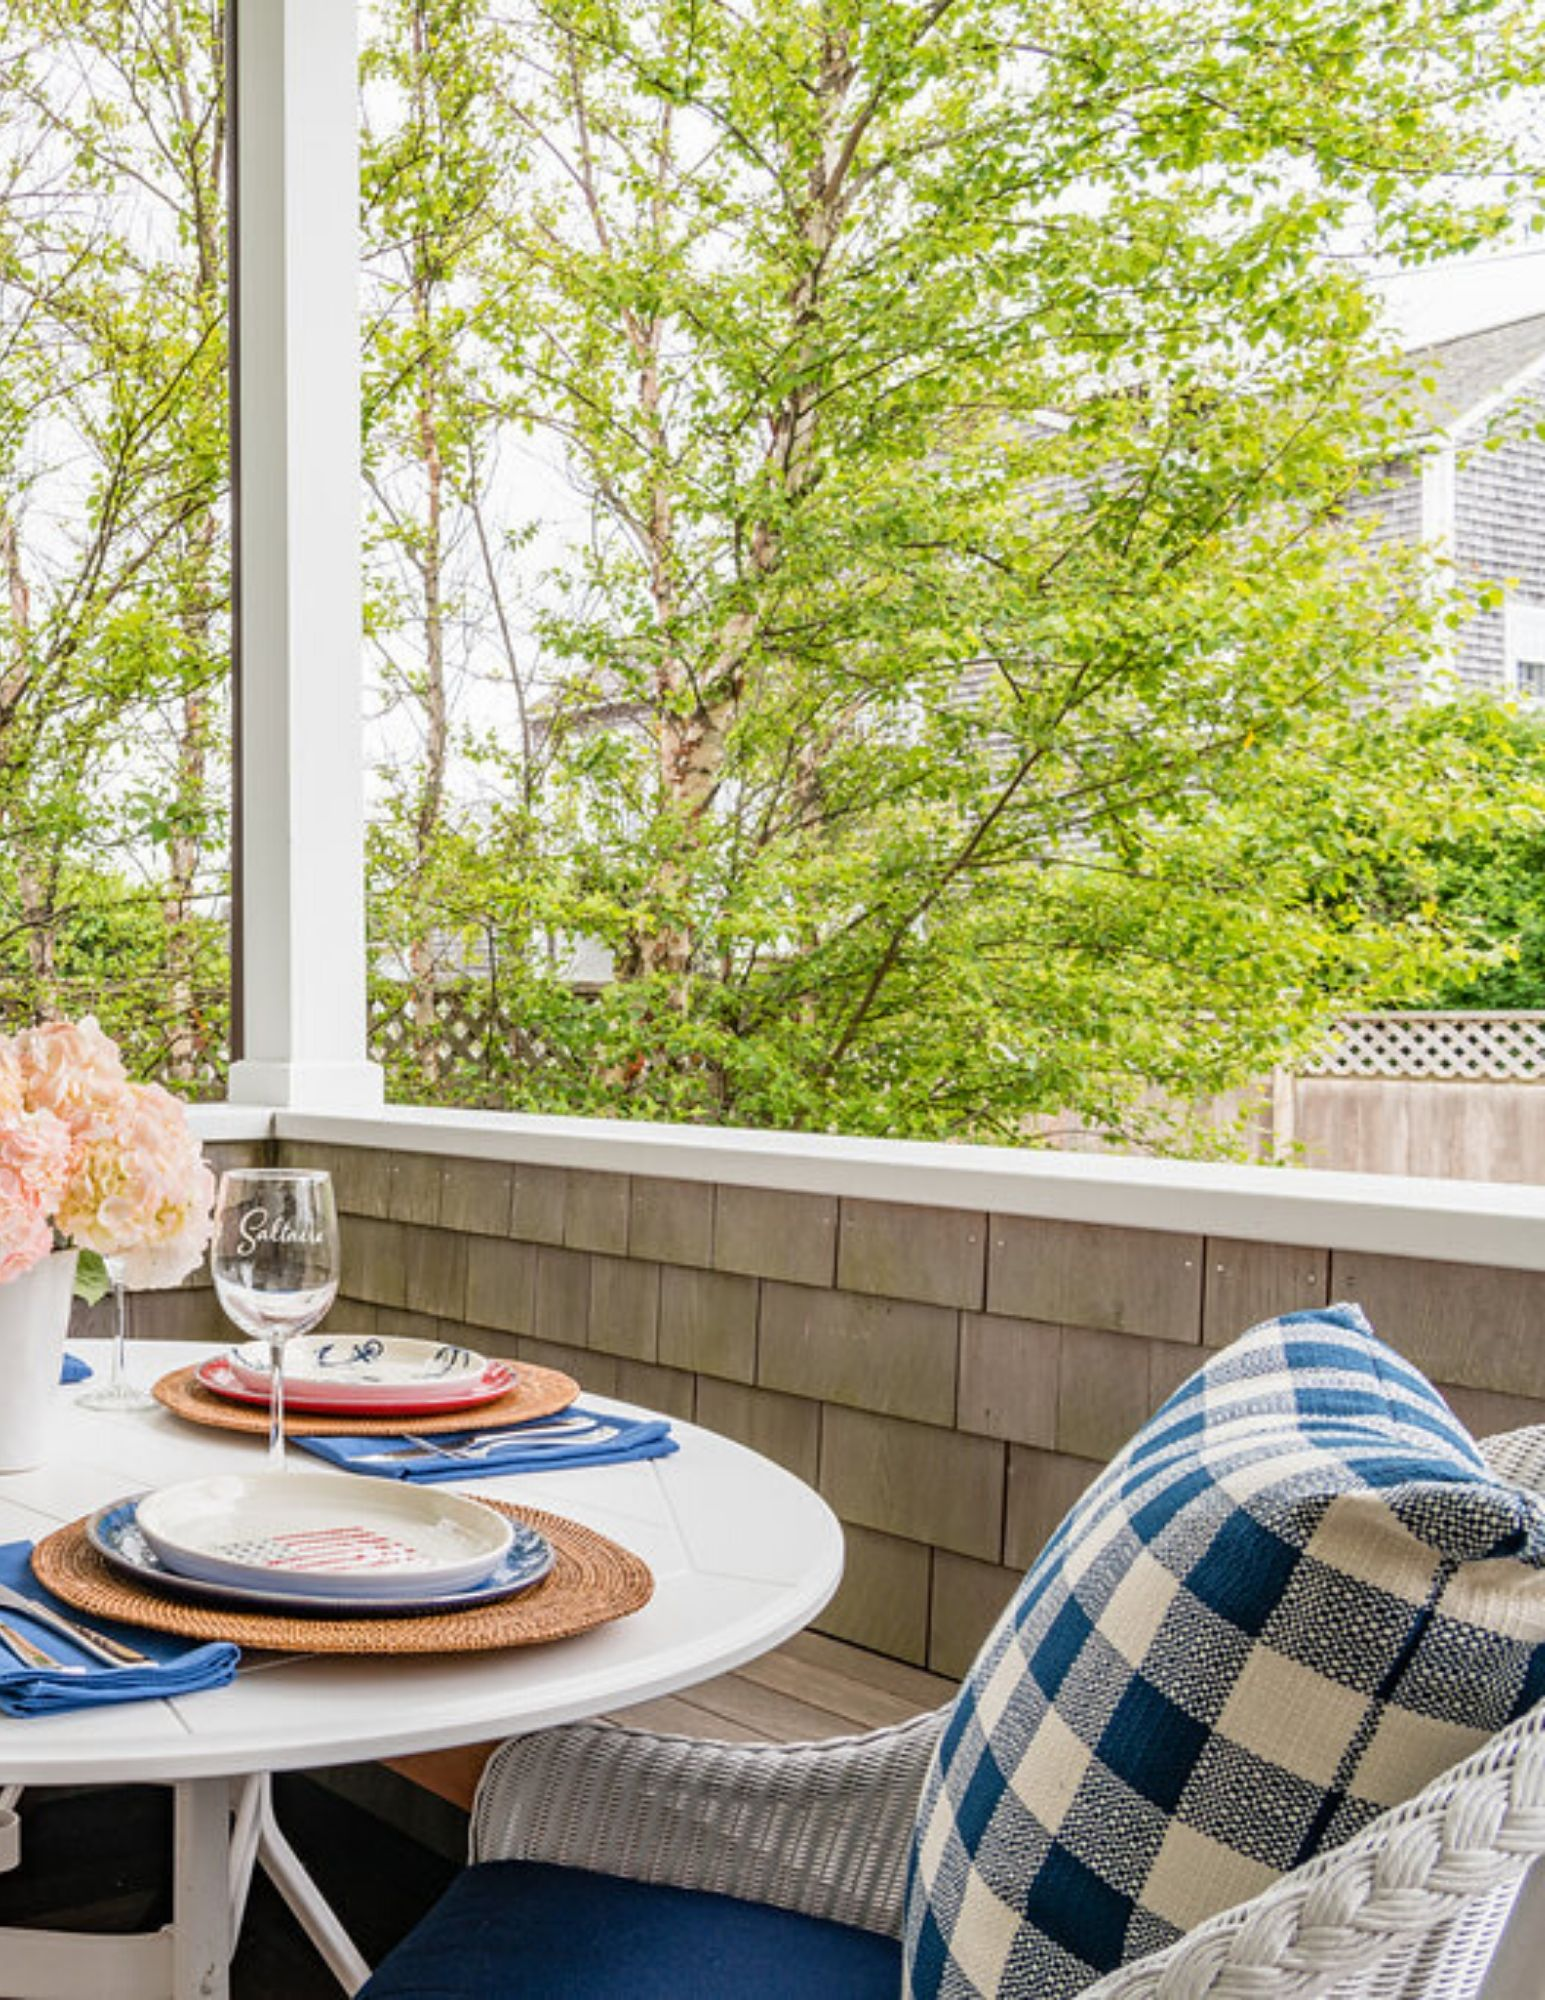 Saltaire Nantucket Rental Home